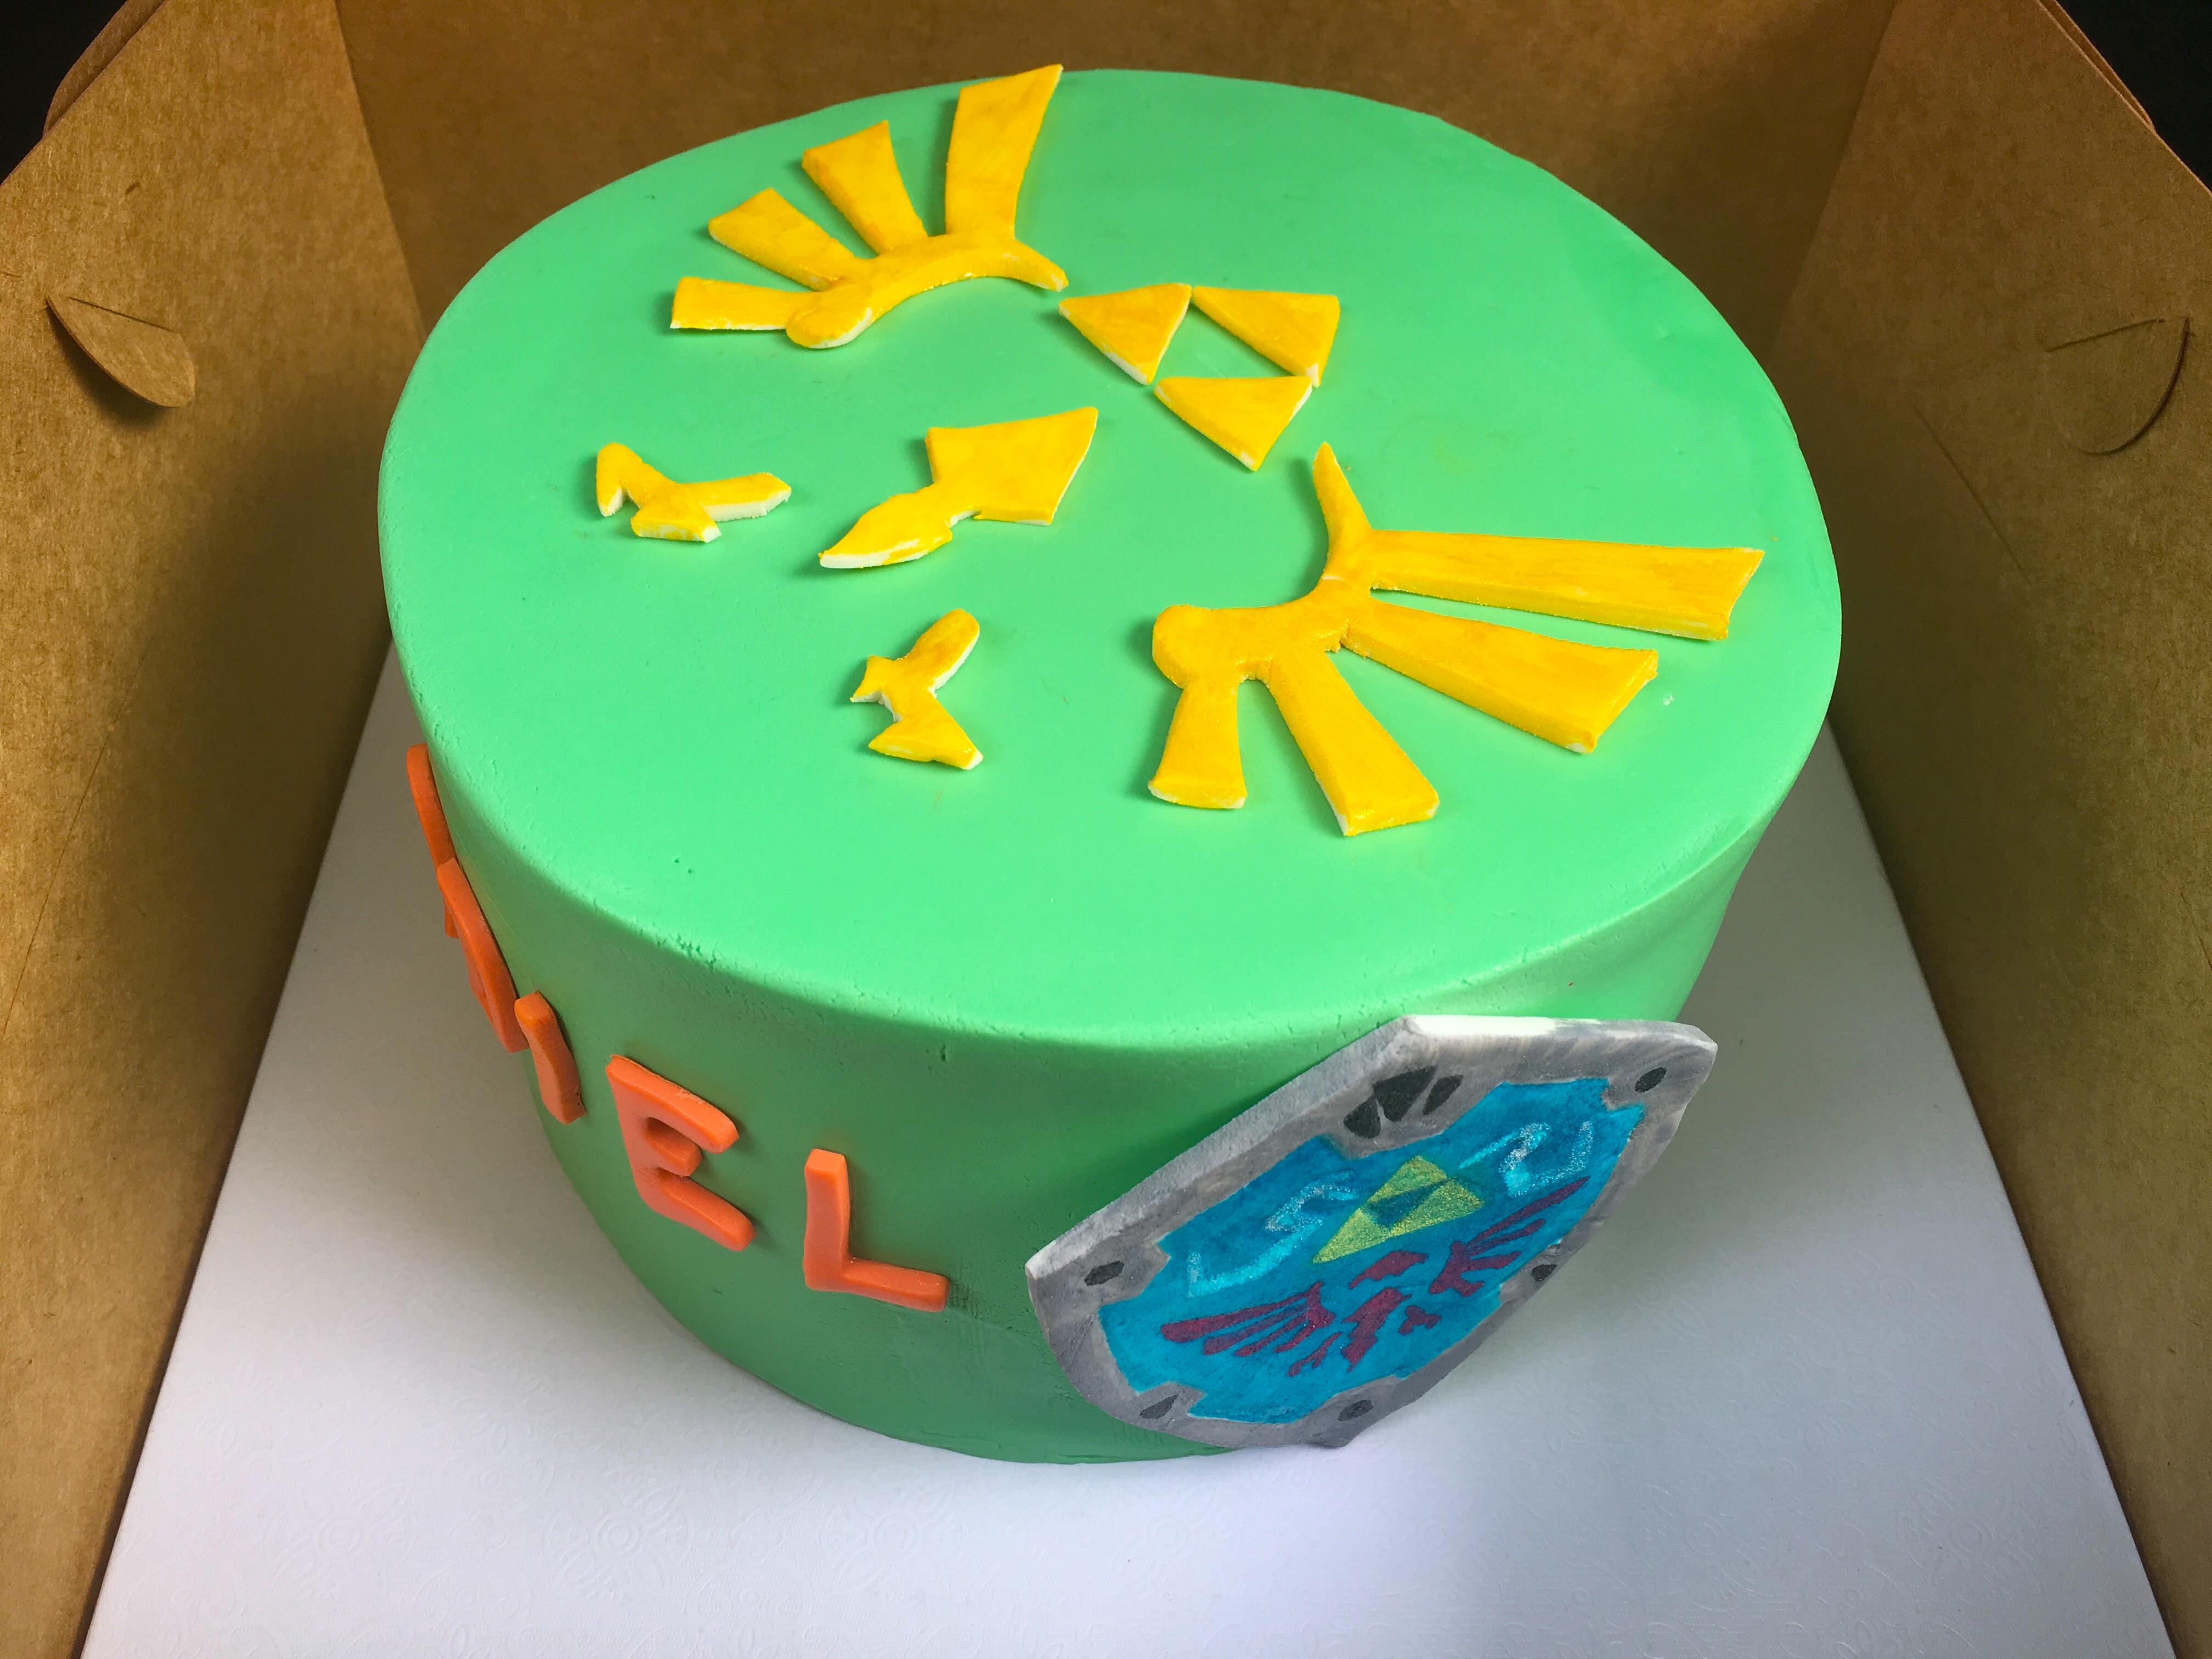 Legend of Zelda Themed Cake